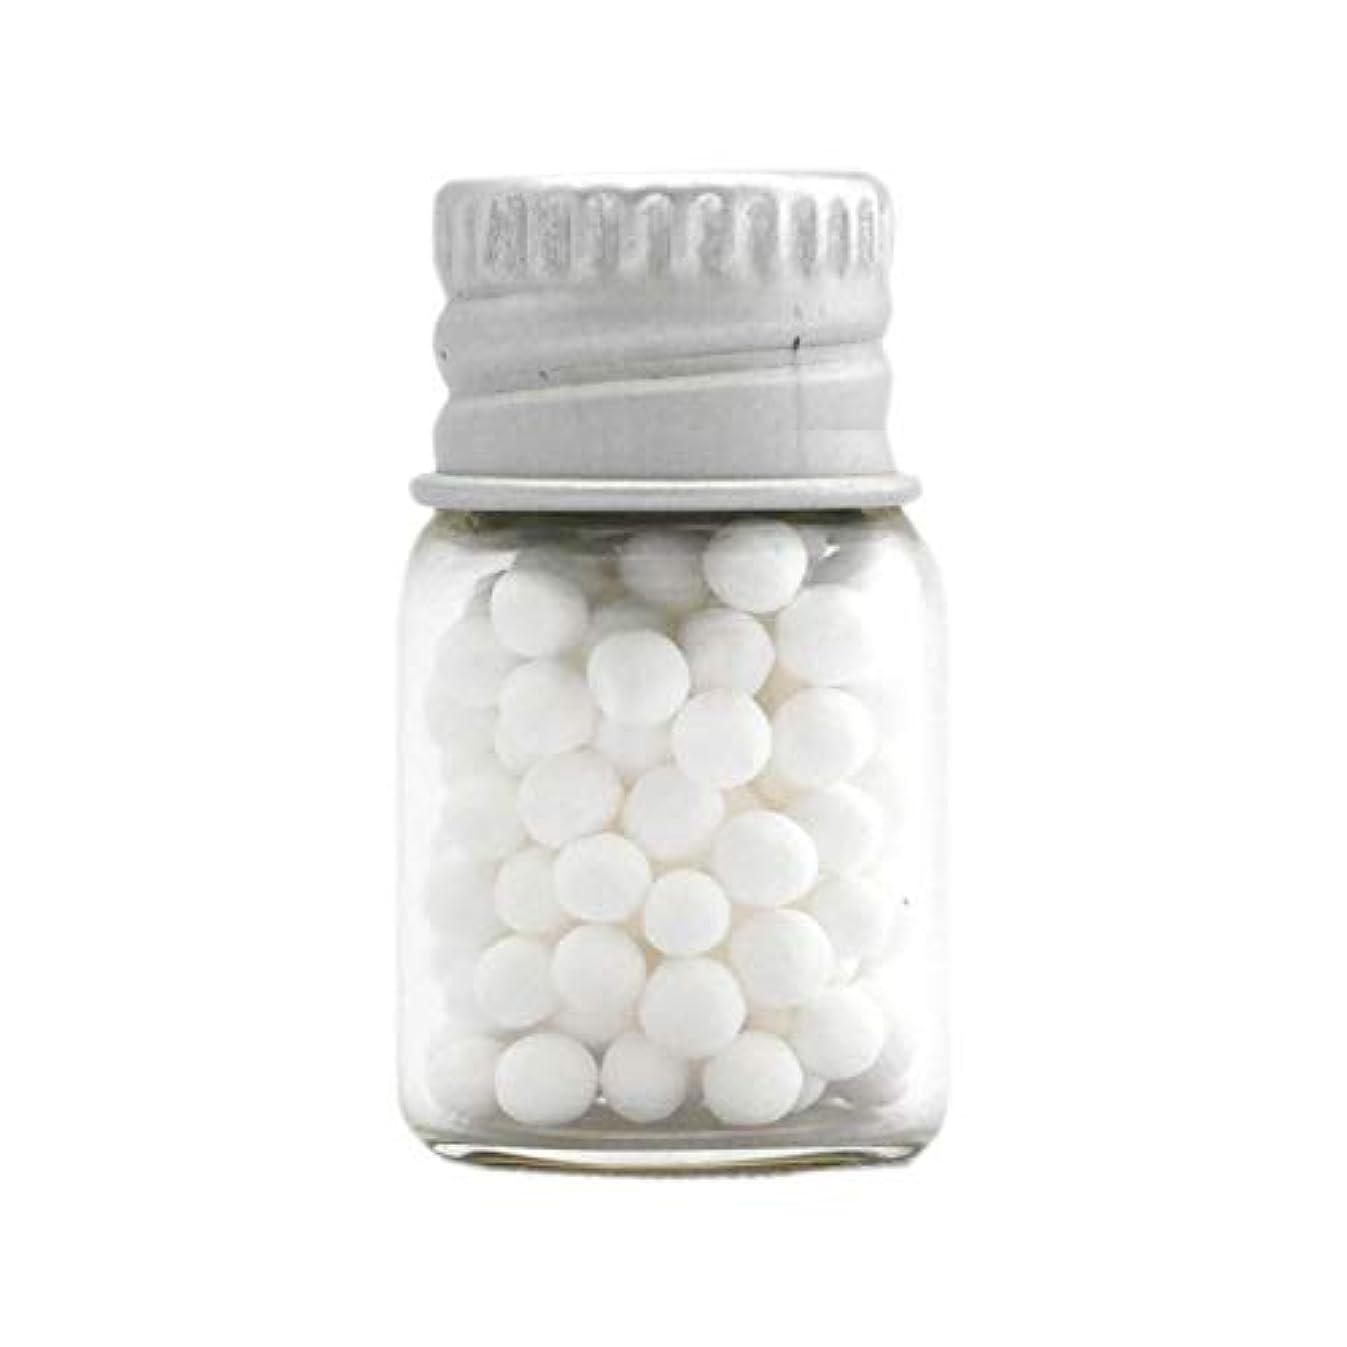 涙が出る正規化反射アロマ?エコビーズ(直径約2mm)0.5g 銀色フタ付きミニボトル入り 香りをしみこませることのできるアロマボール